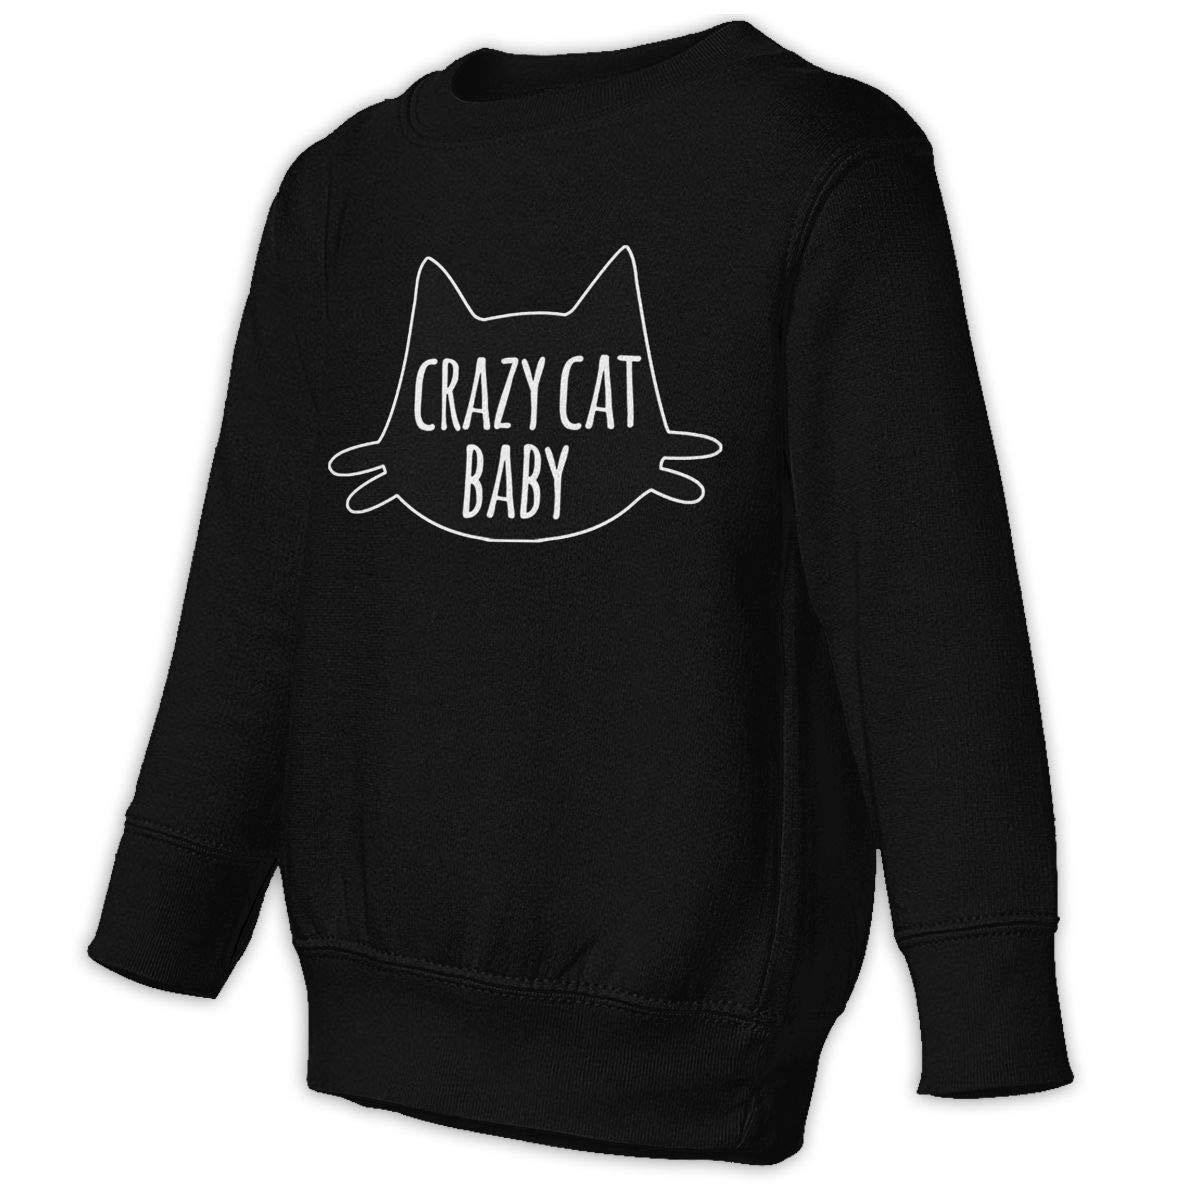 Crazy Cat Baby Baby Sweatshirt Adorable Kids Hoodies Comfortable Sweaters